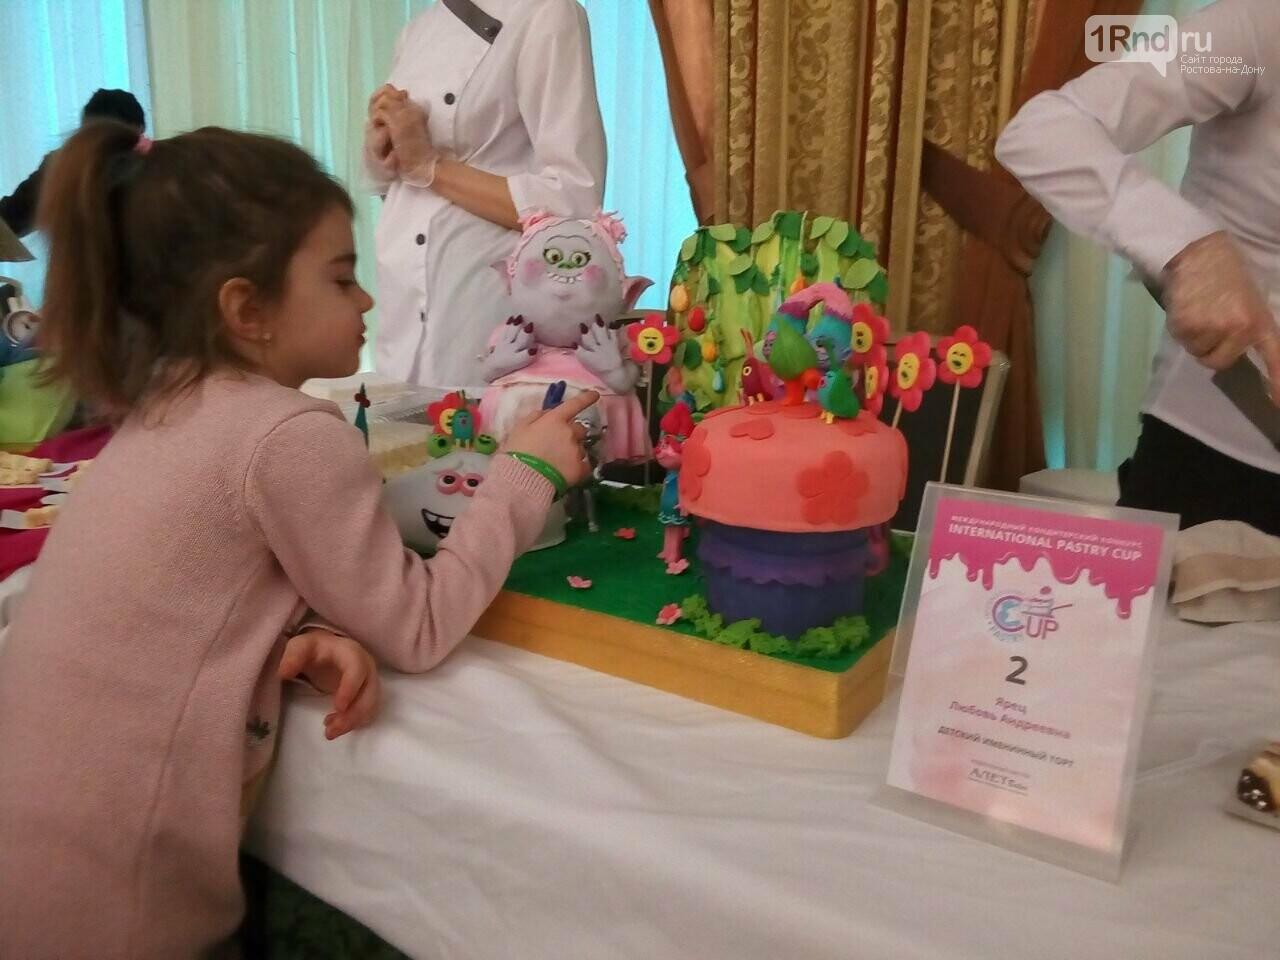 В Ростове проходит международный кондитерский конкурс International pastry cup, фото-4